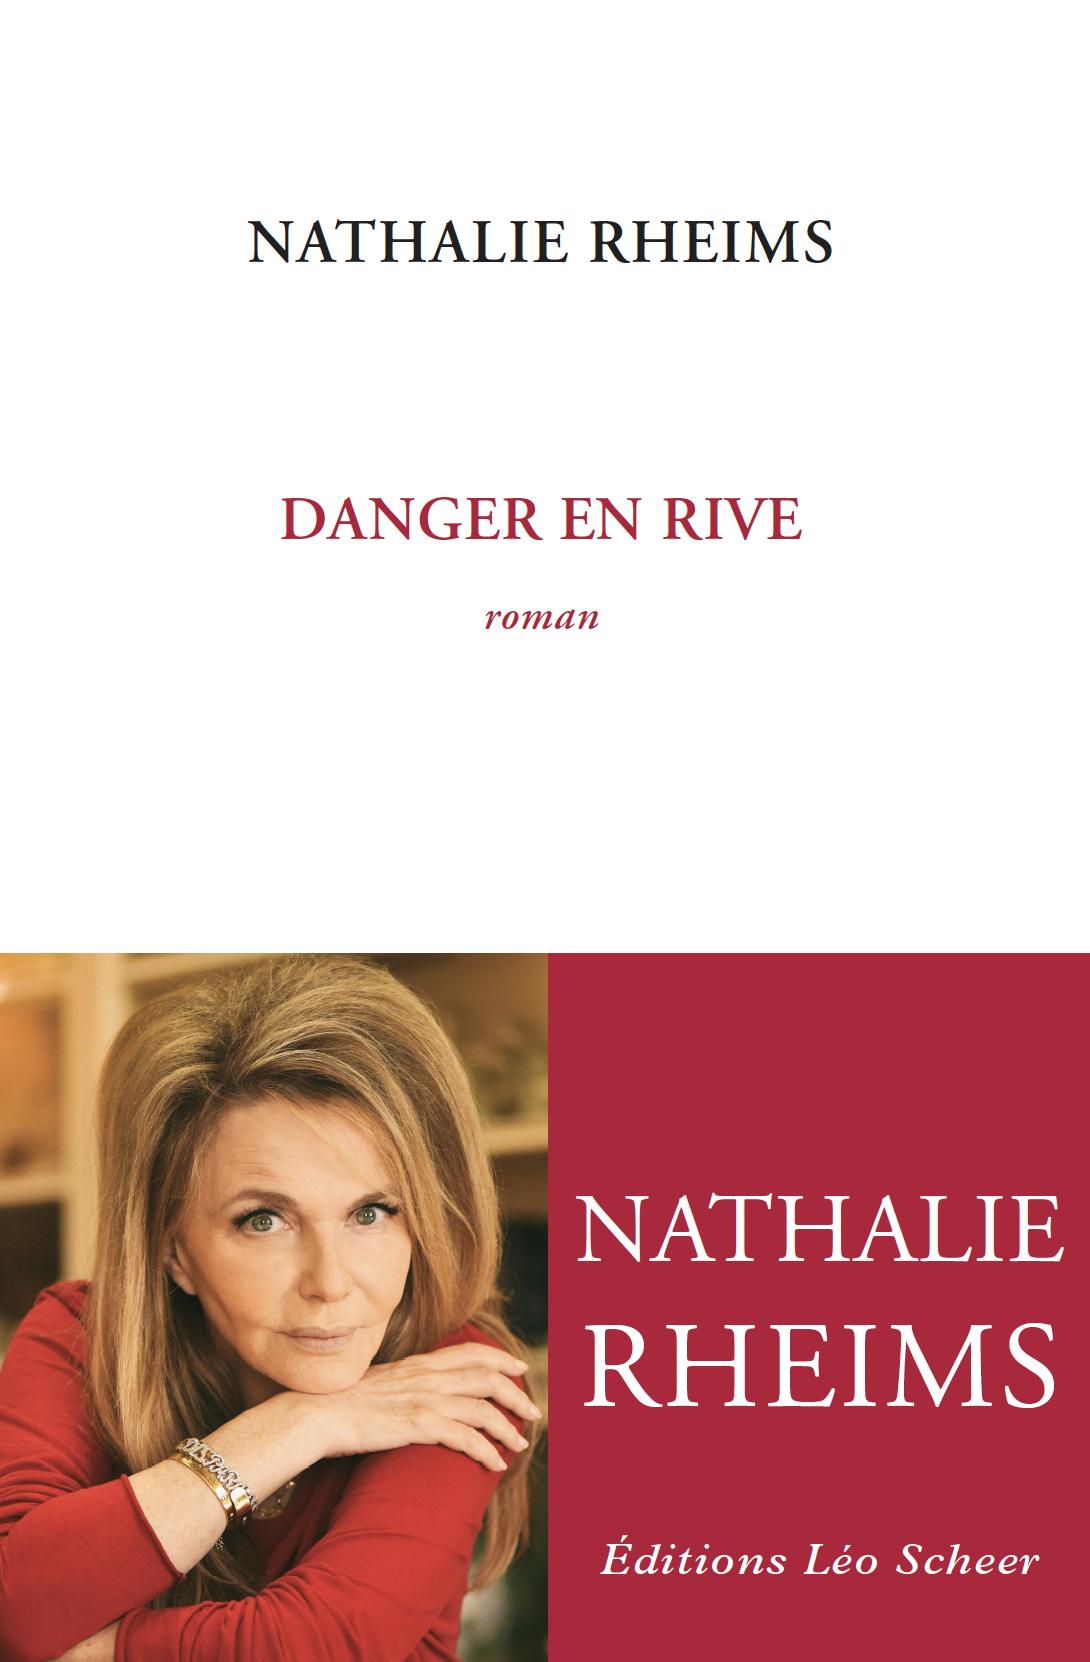 Danger en rive, de Nathalie Rheims : d'une disparition, l'autre